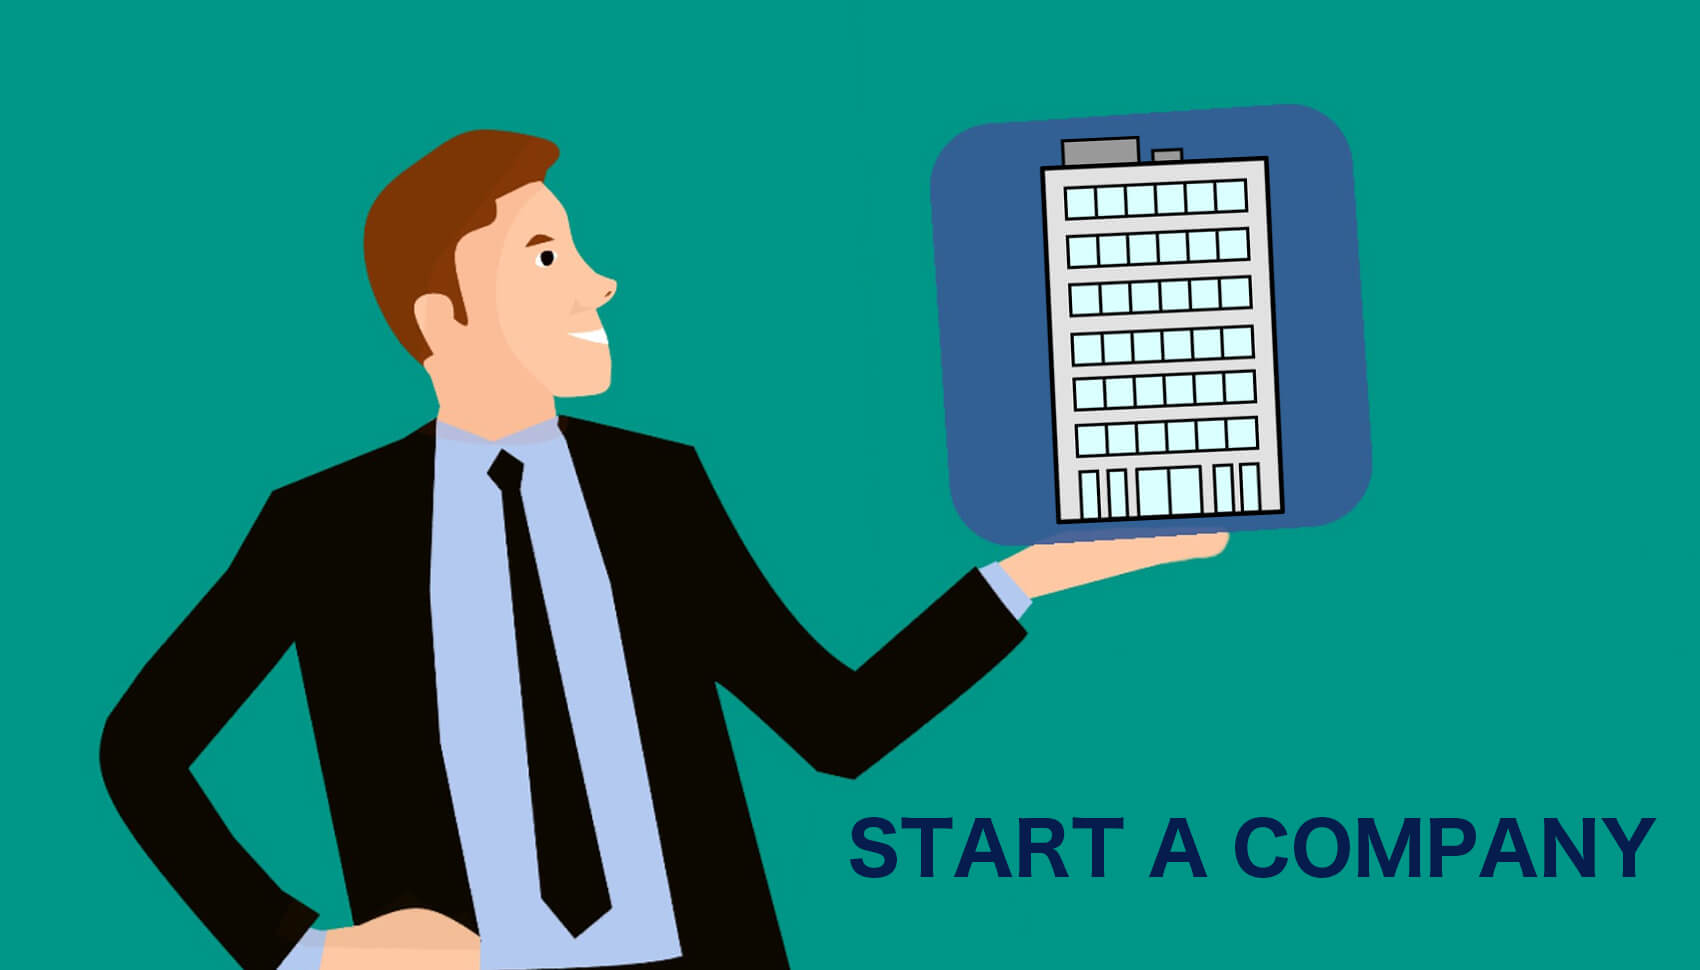 海外での会社設立(法人登記)に必要な最低限の知識とは?